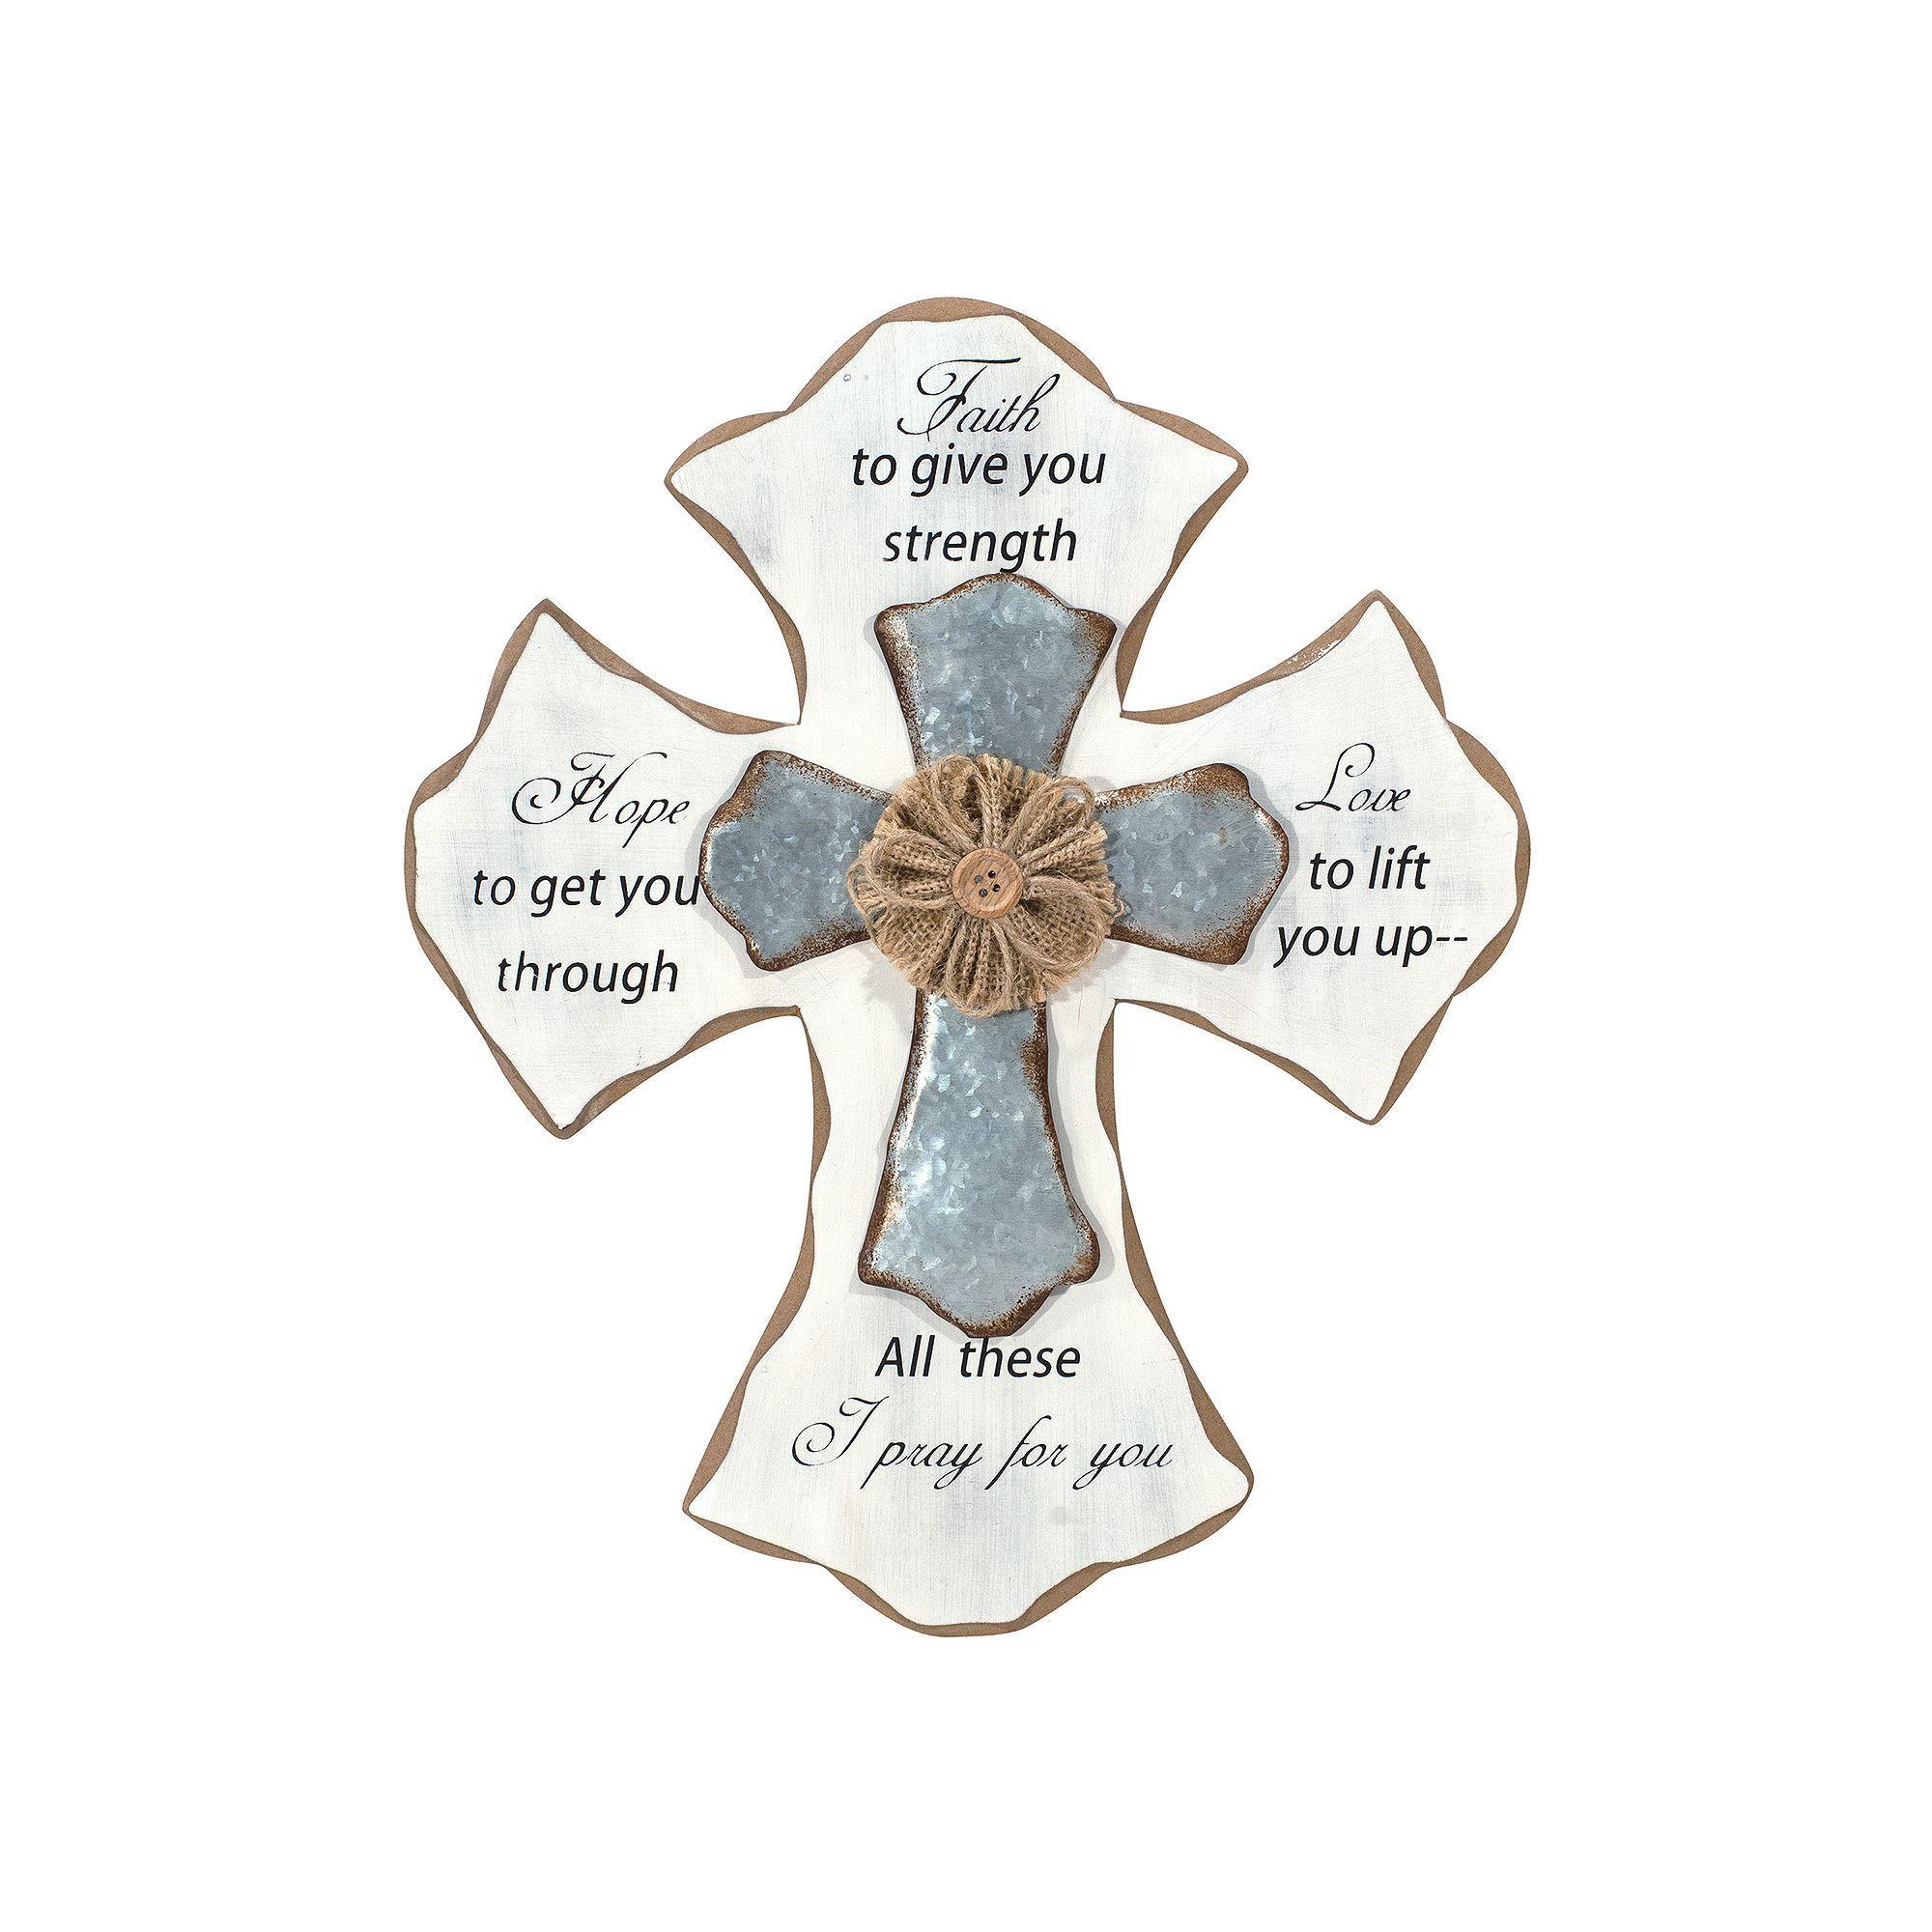 Malden faith rustic cross wall decor white products crosses malden faith rustic cross wall decor amipublicfo Gallery